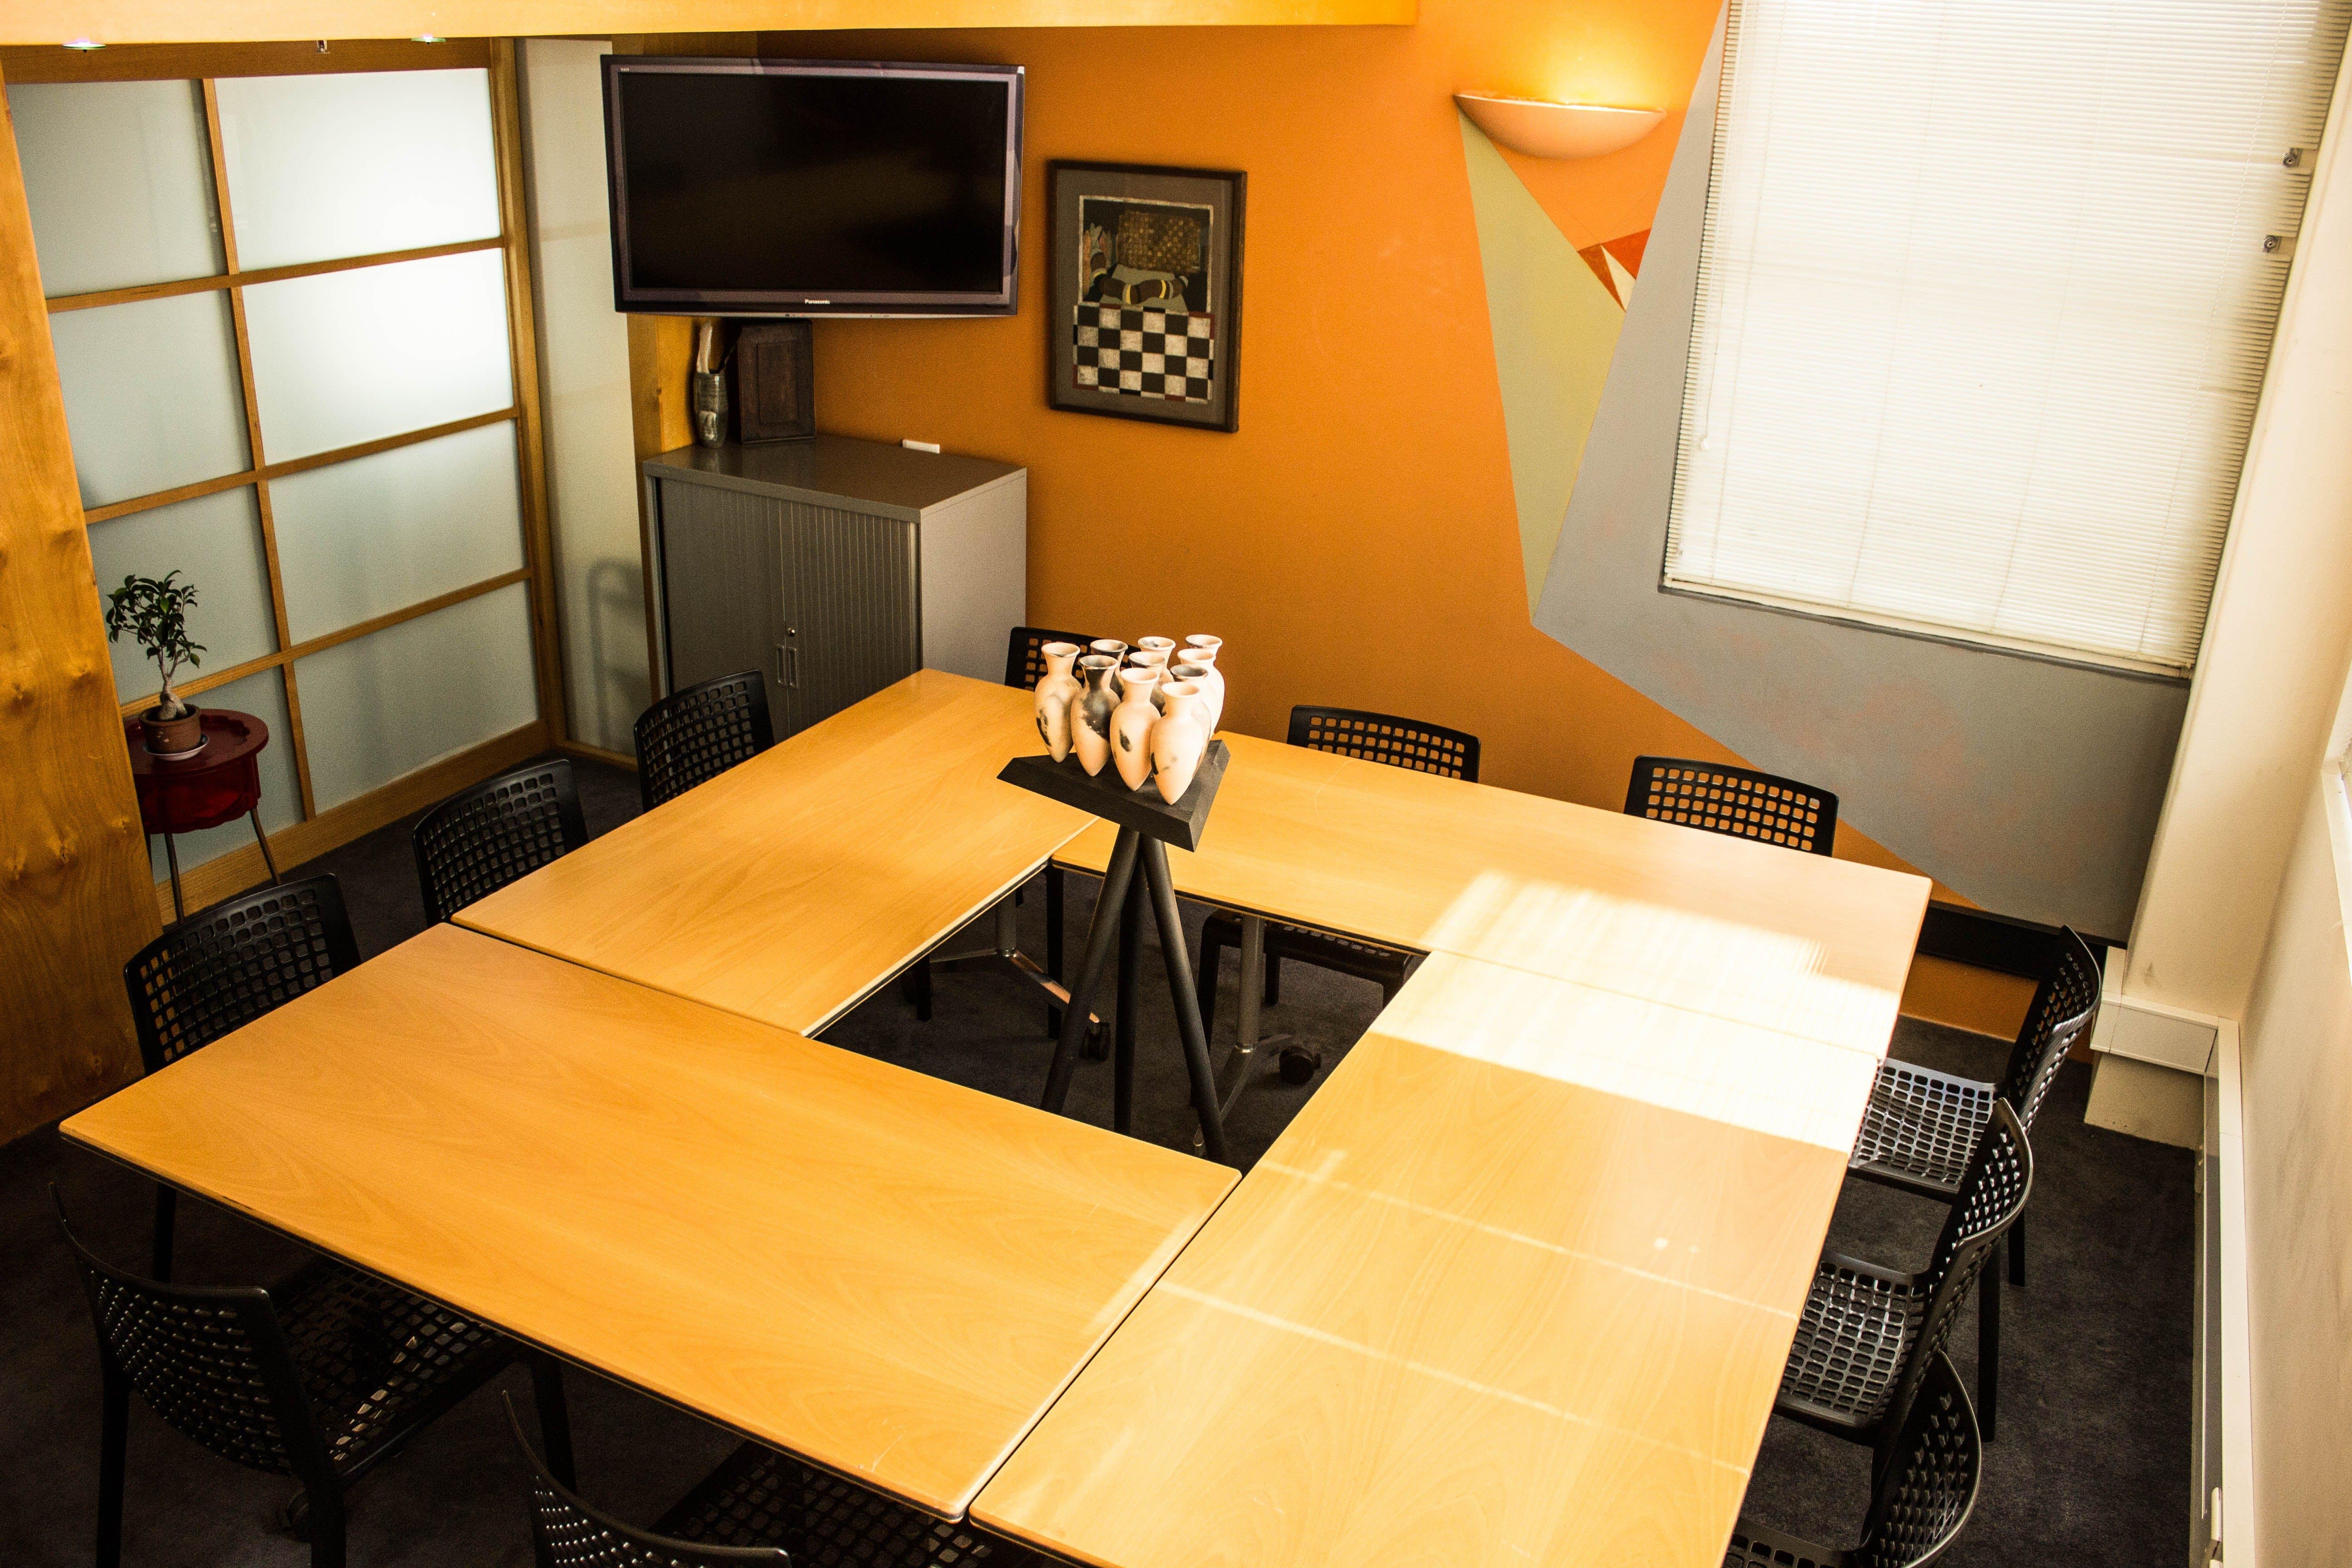 Workshop Space, meeting room at Curate Space, image 3